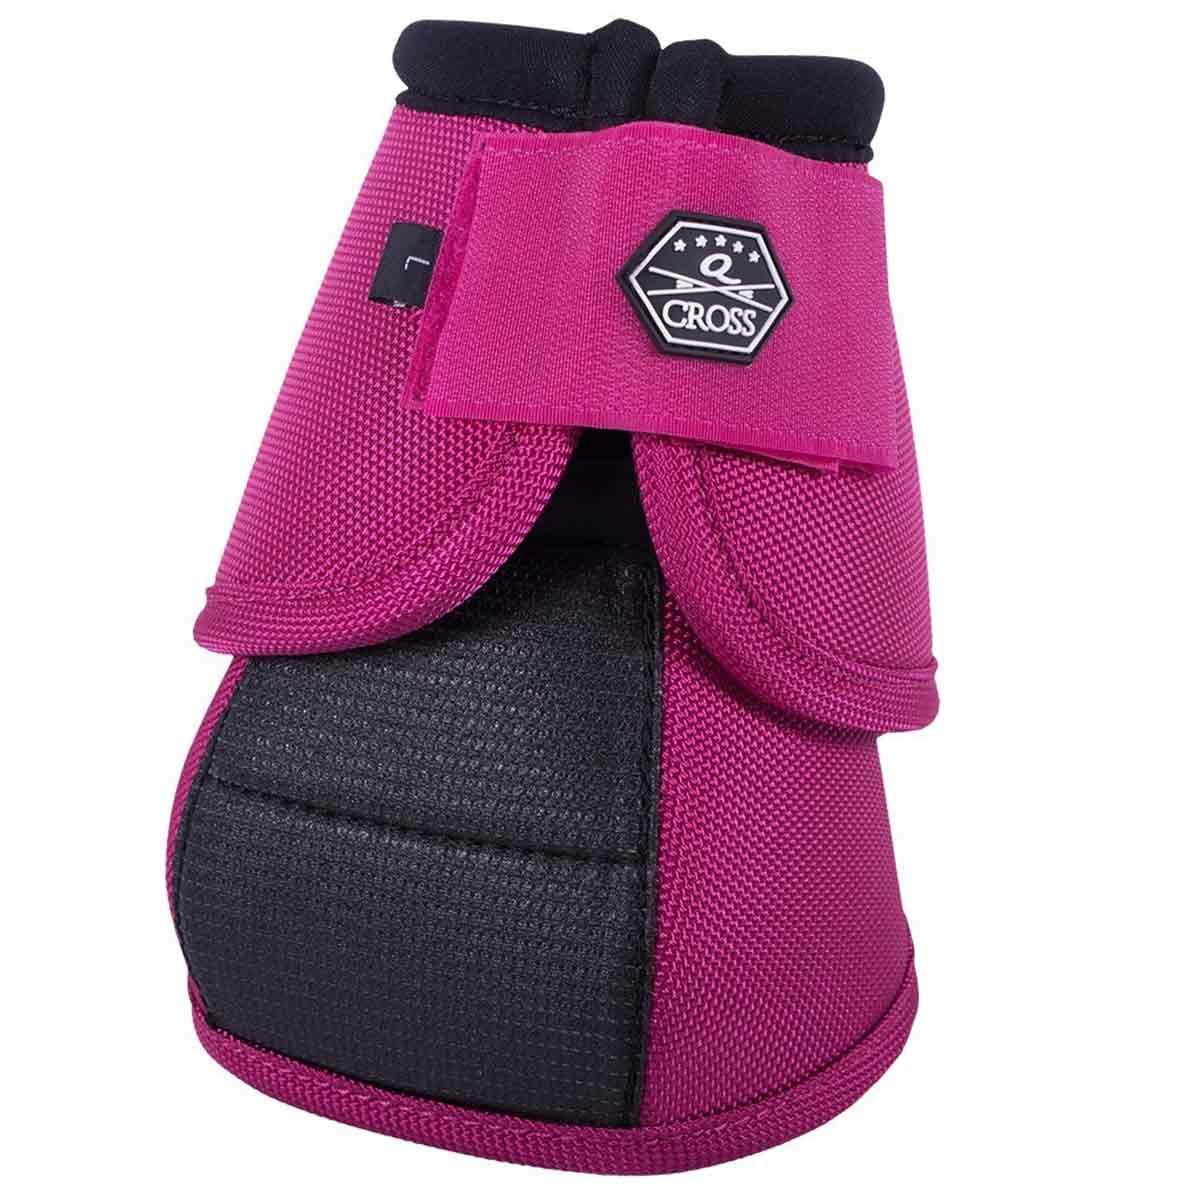 QHP QCross Kevlar springschoenen paars maat:s